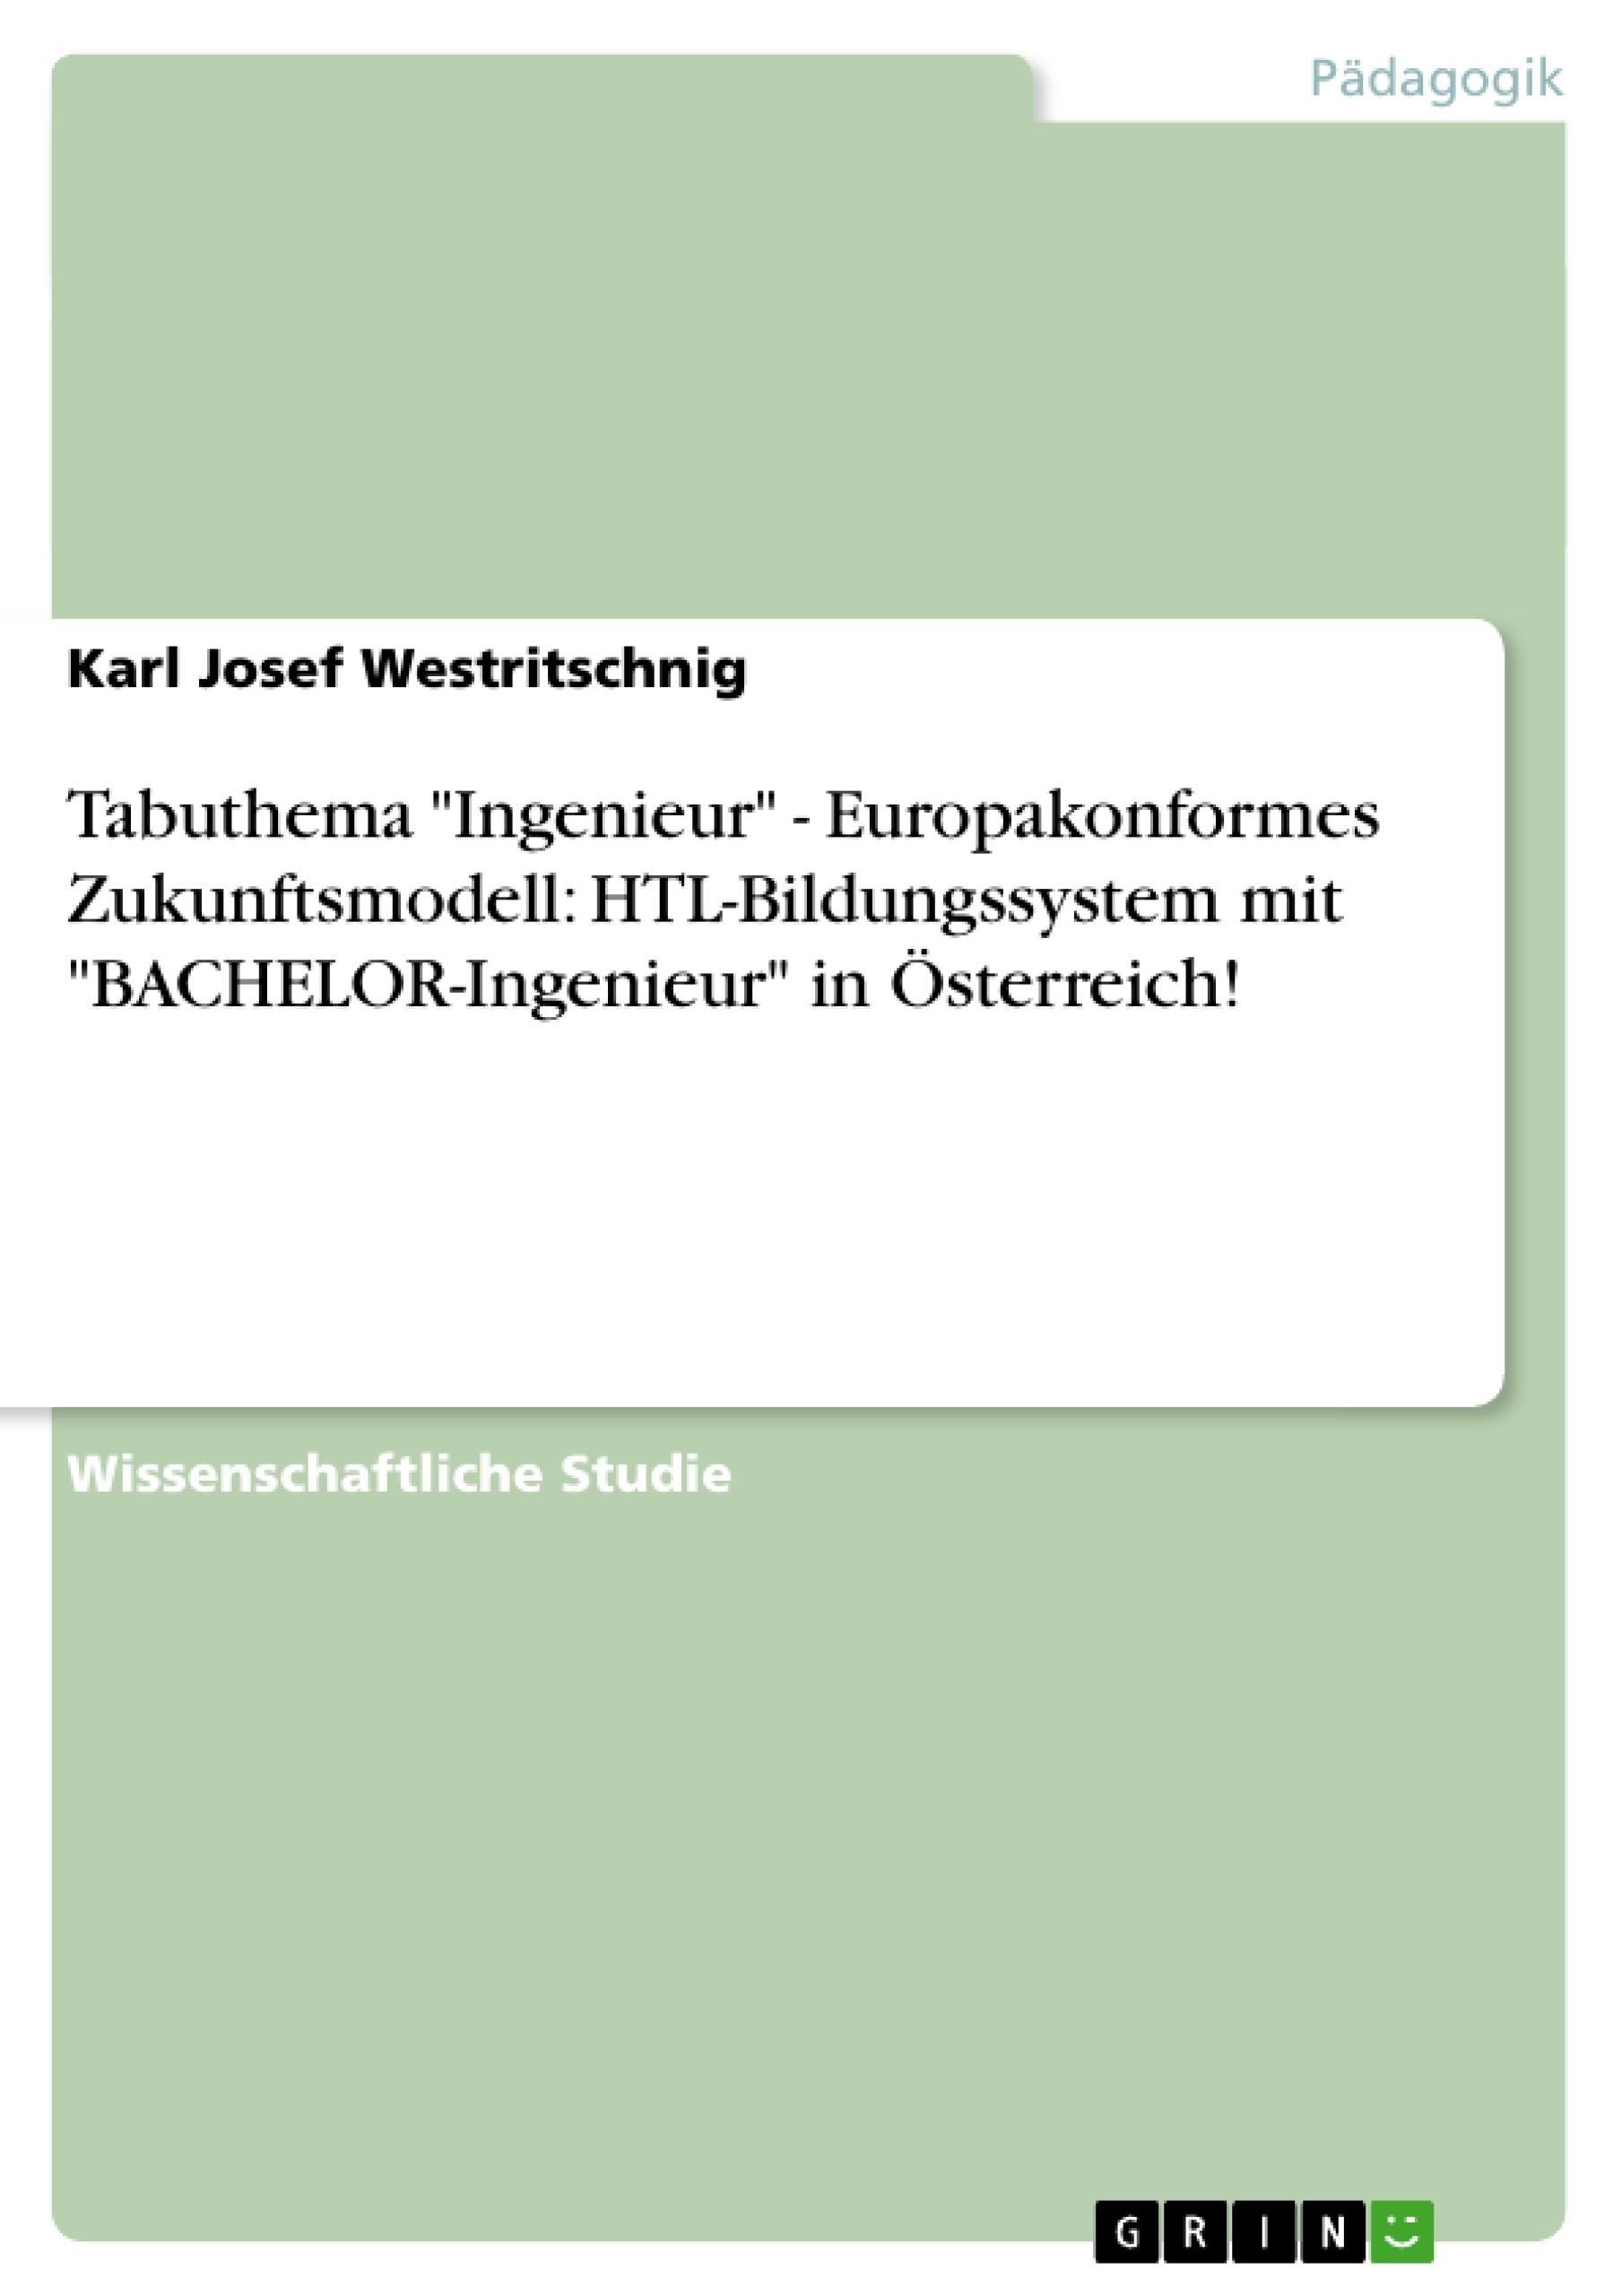 """Titel: Tabuthema  """"Ingenieur"""" - Europakonformes Zukunftsmodell: HTL-Bildungssystem mit """"BACHELOR-Ingenieur"""" in Österreich!"""